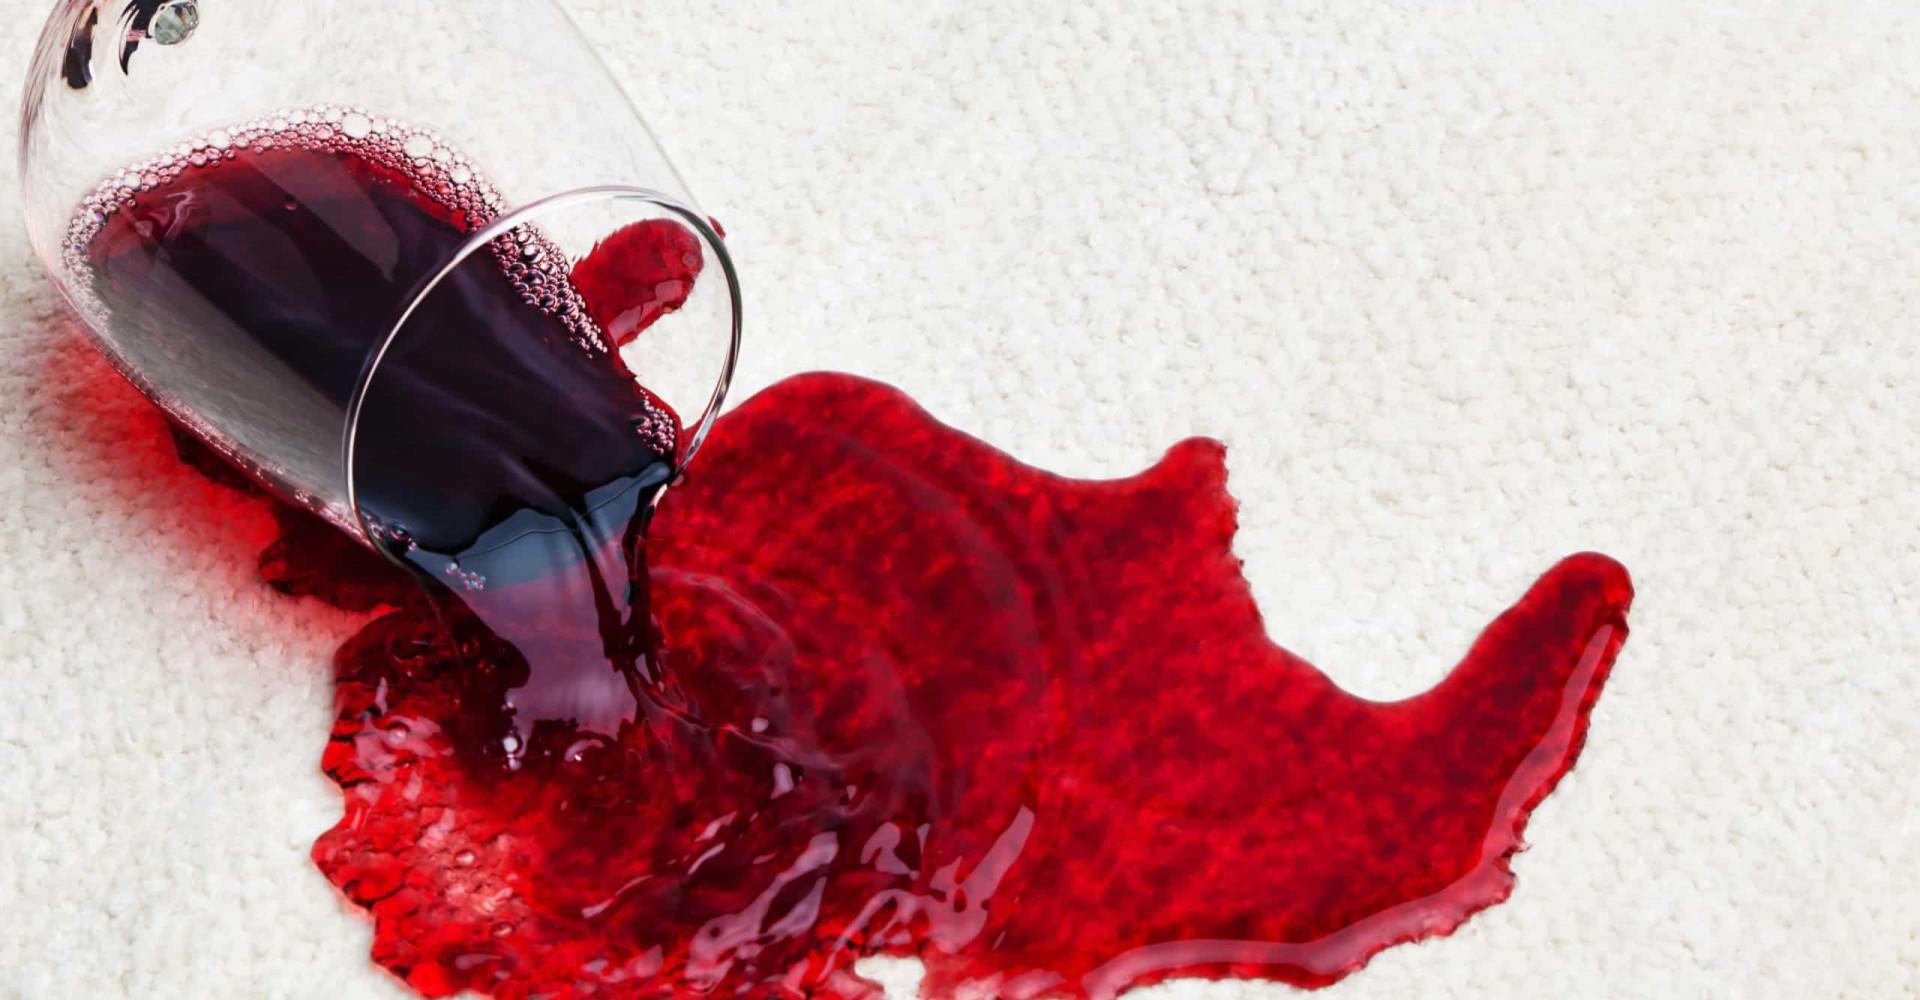 De beste verdwijntruc voor een rode wijnvlek